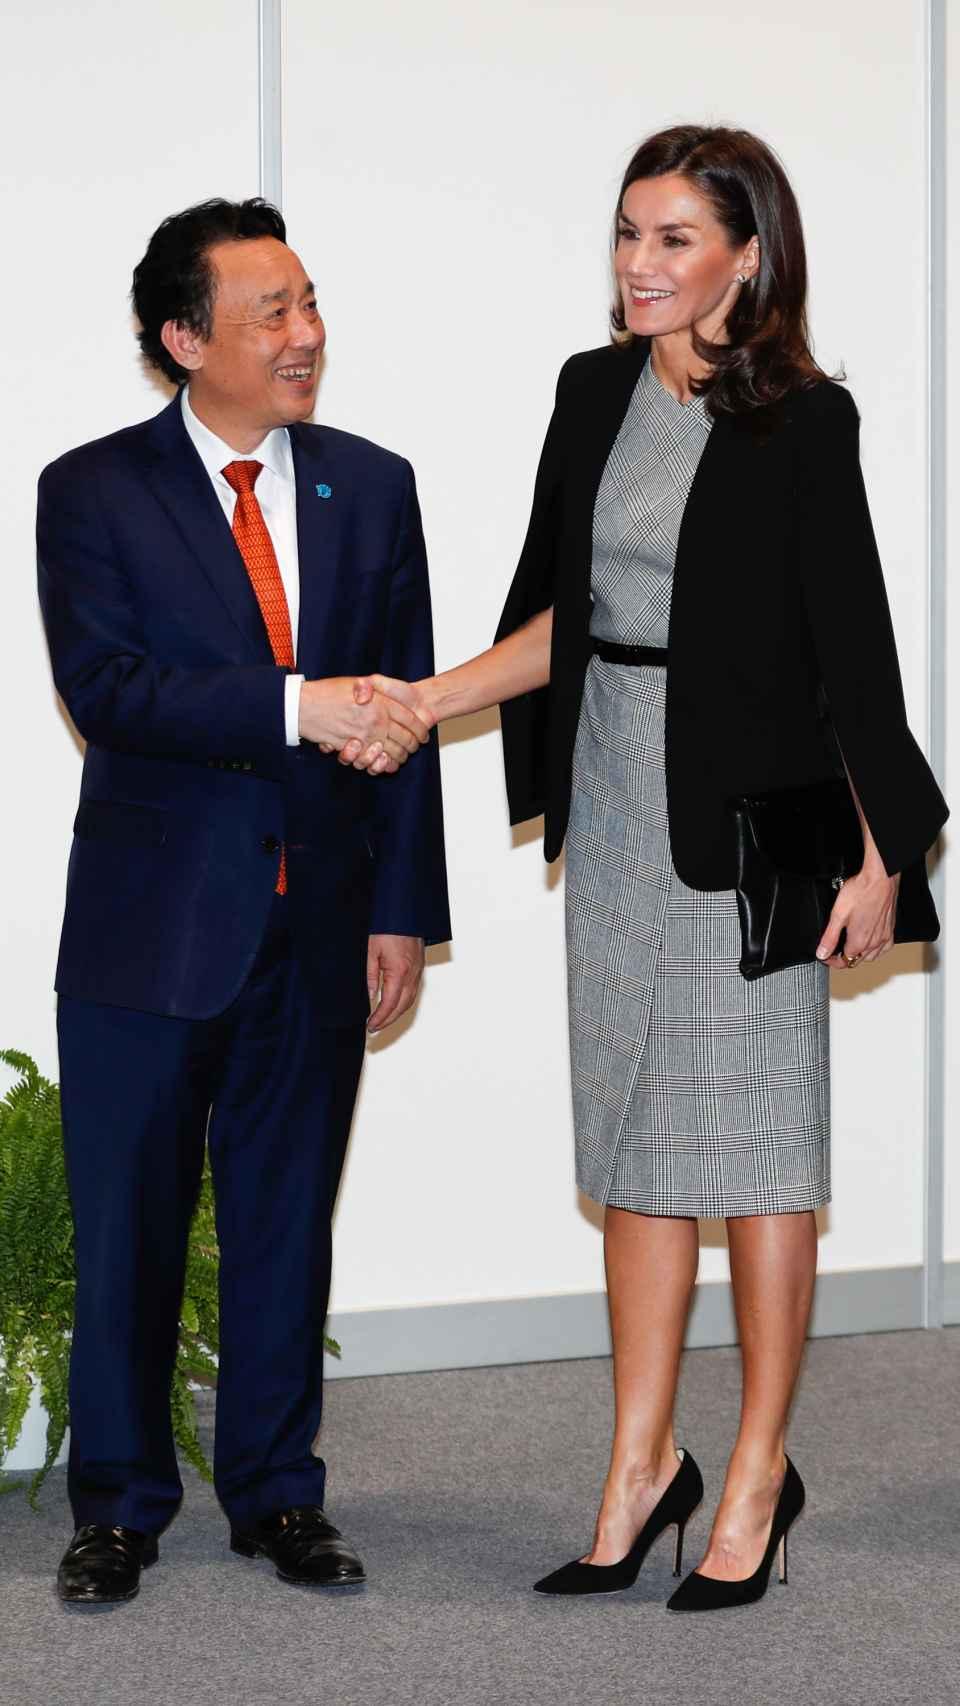 La reina Letizia con vestido de Hugo Boss.